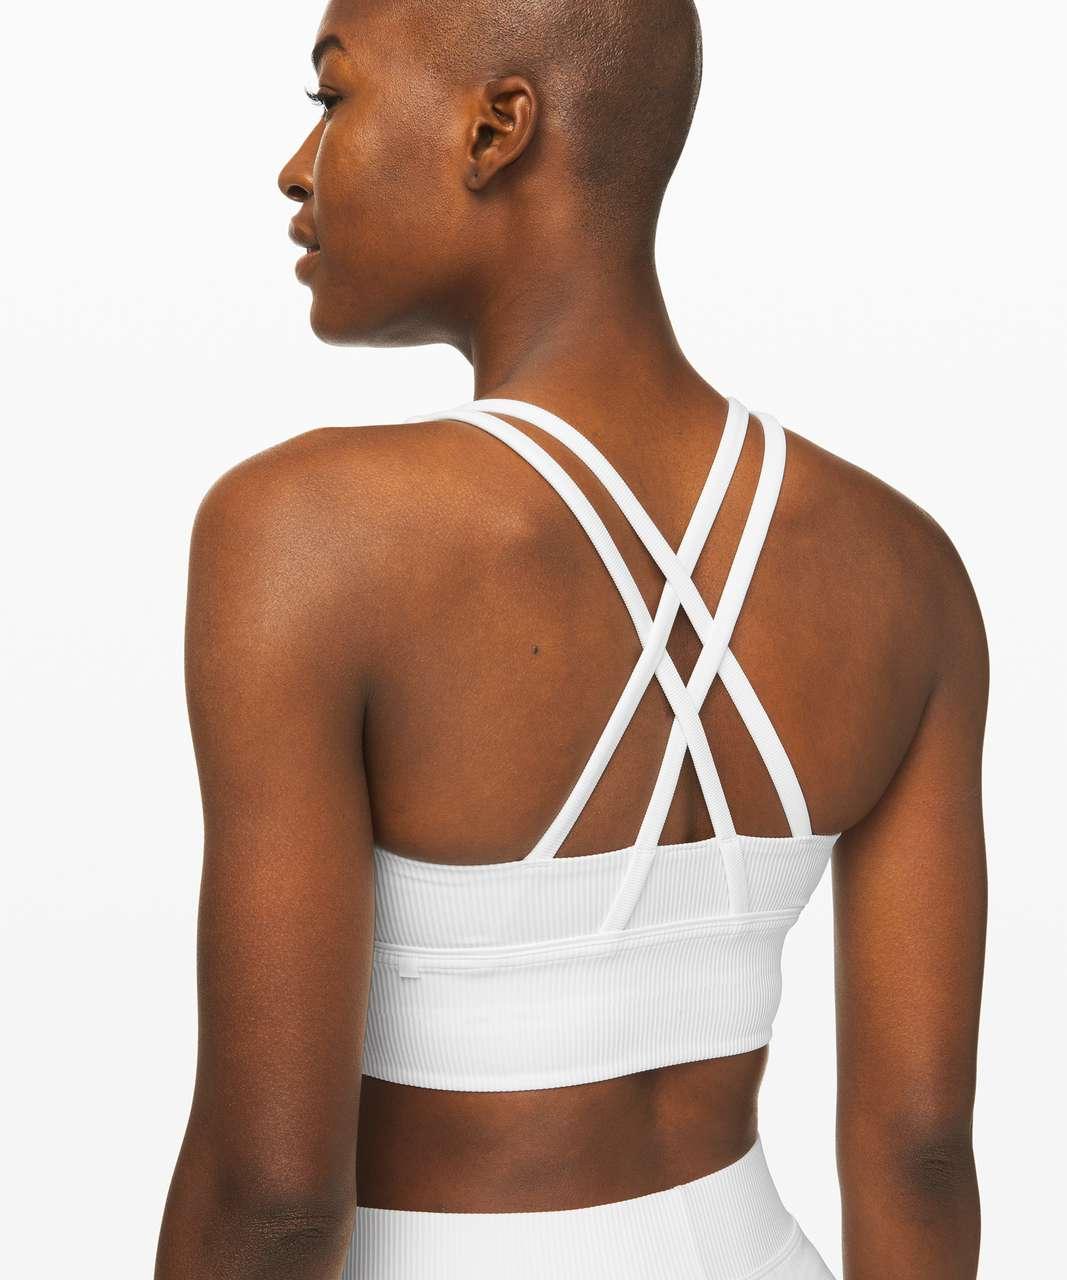 Lululemon Energy Bra *Long Line Texture - White